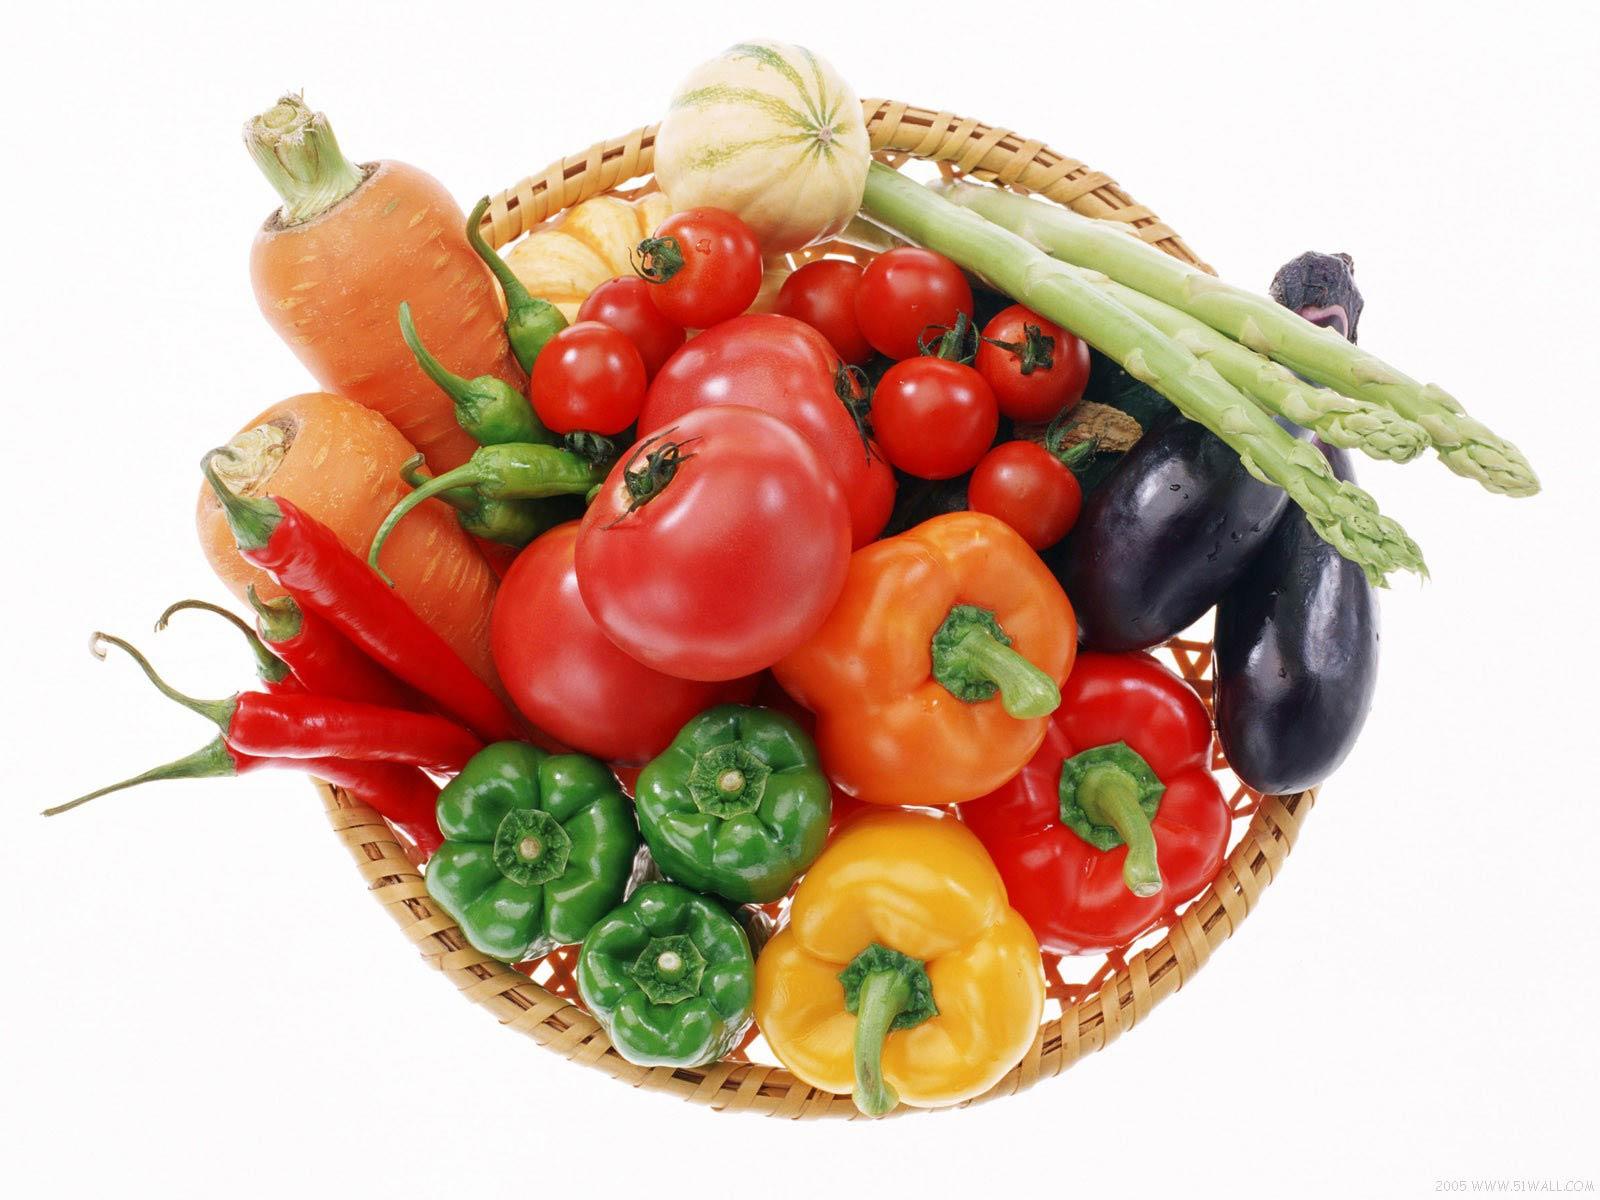 http://2.bp.blogspot.com/-liPVd3G3DtY/Tai-IS_pIOI/AAAAAAAAA8c/Xmk7LTj-xlc/s1600/veggies.jpg